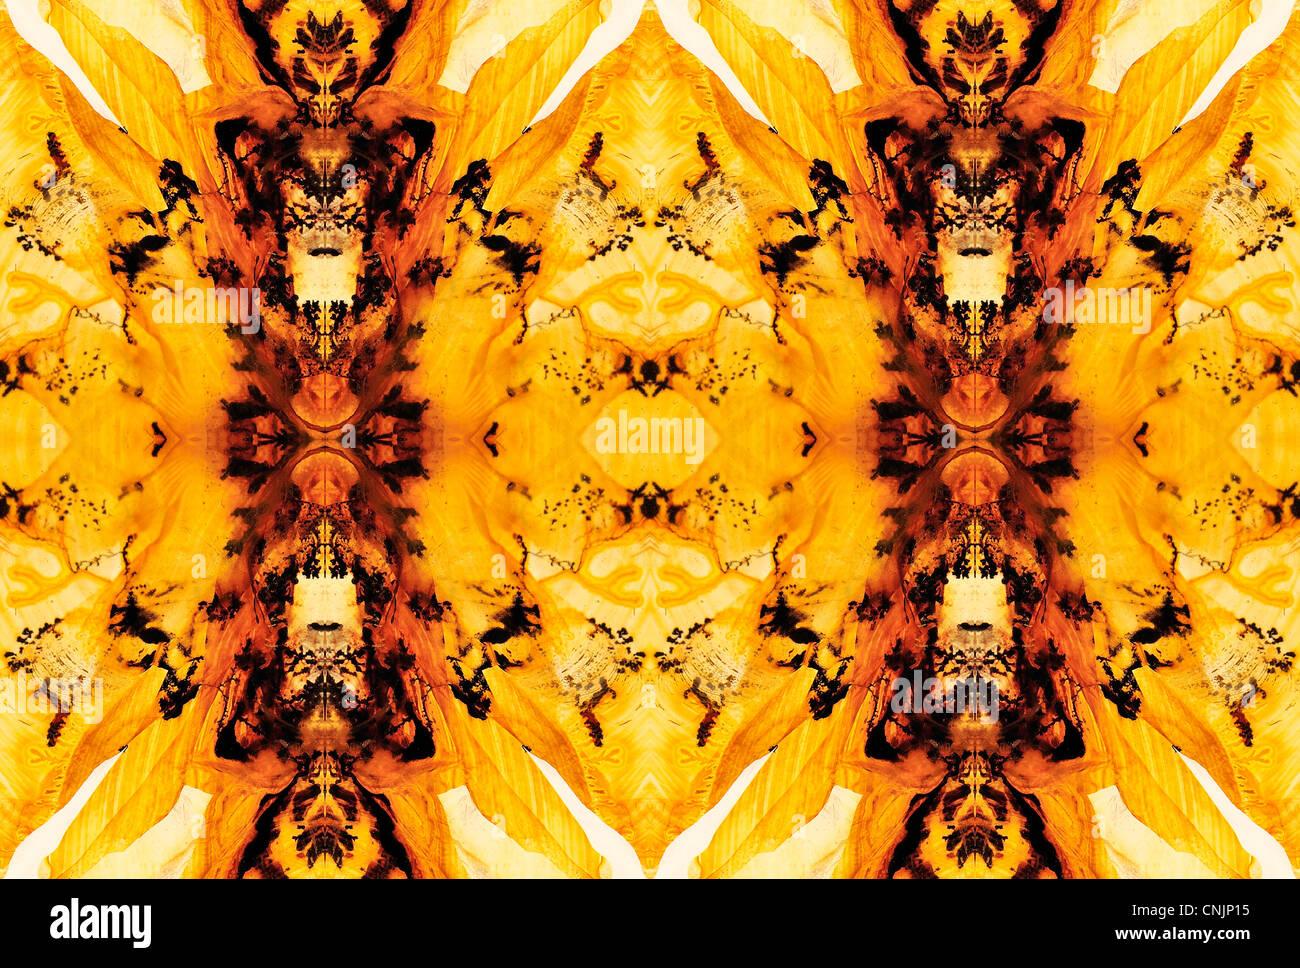 Tranche polie de Lodolite / Paysage Quartz - motif symétrique faite par la répétition de l'image Photo Stock